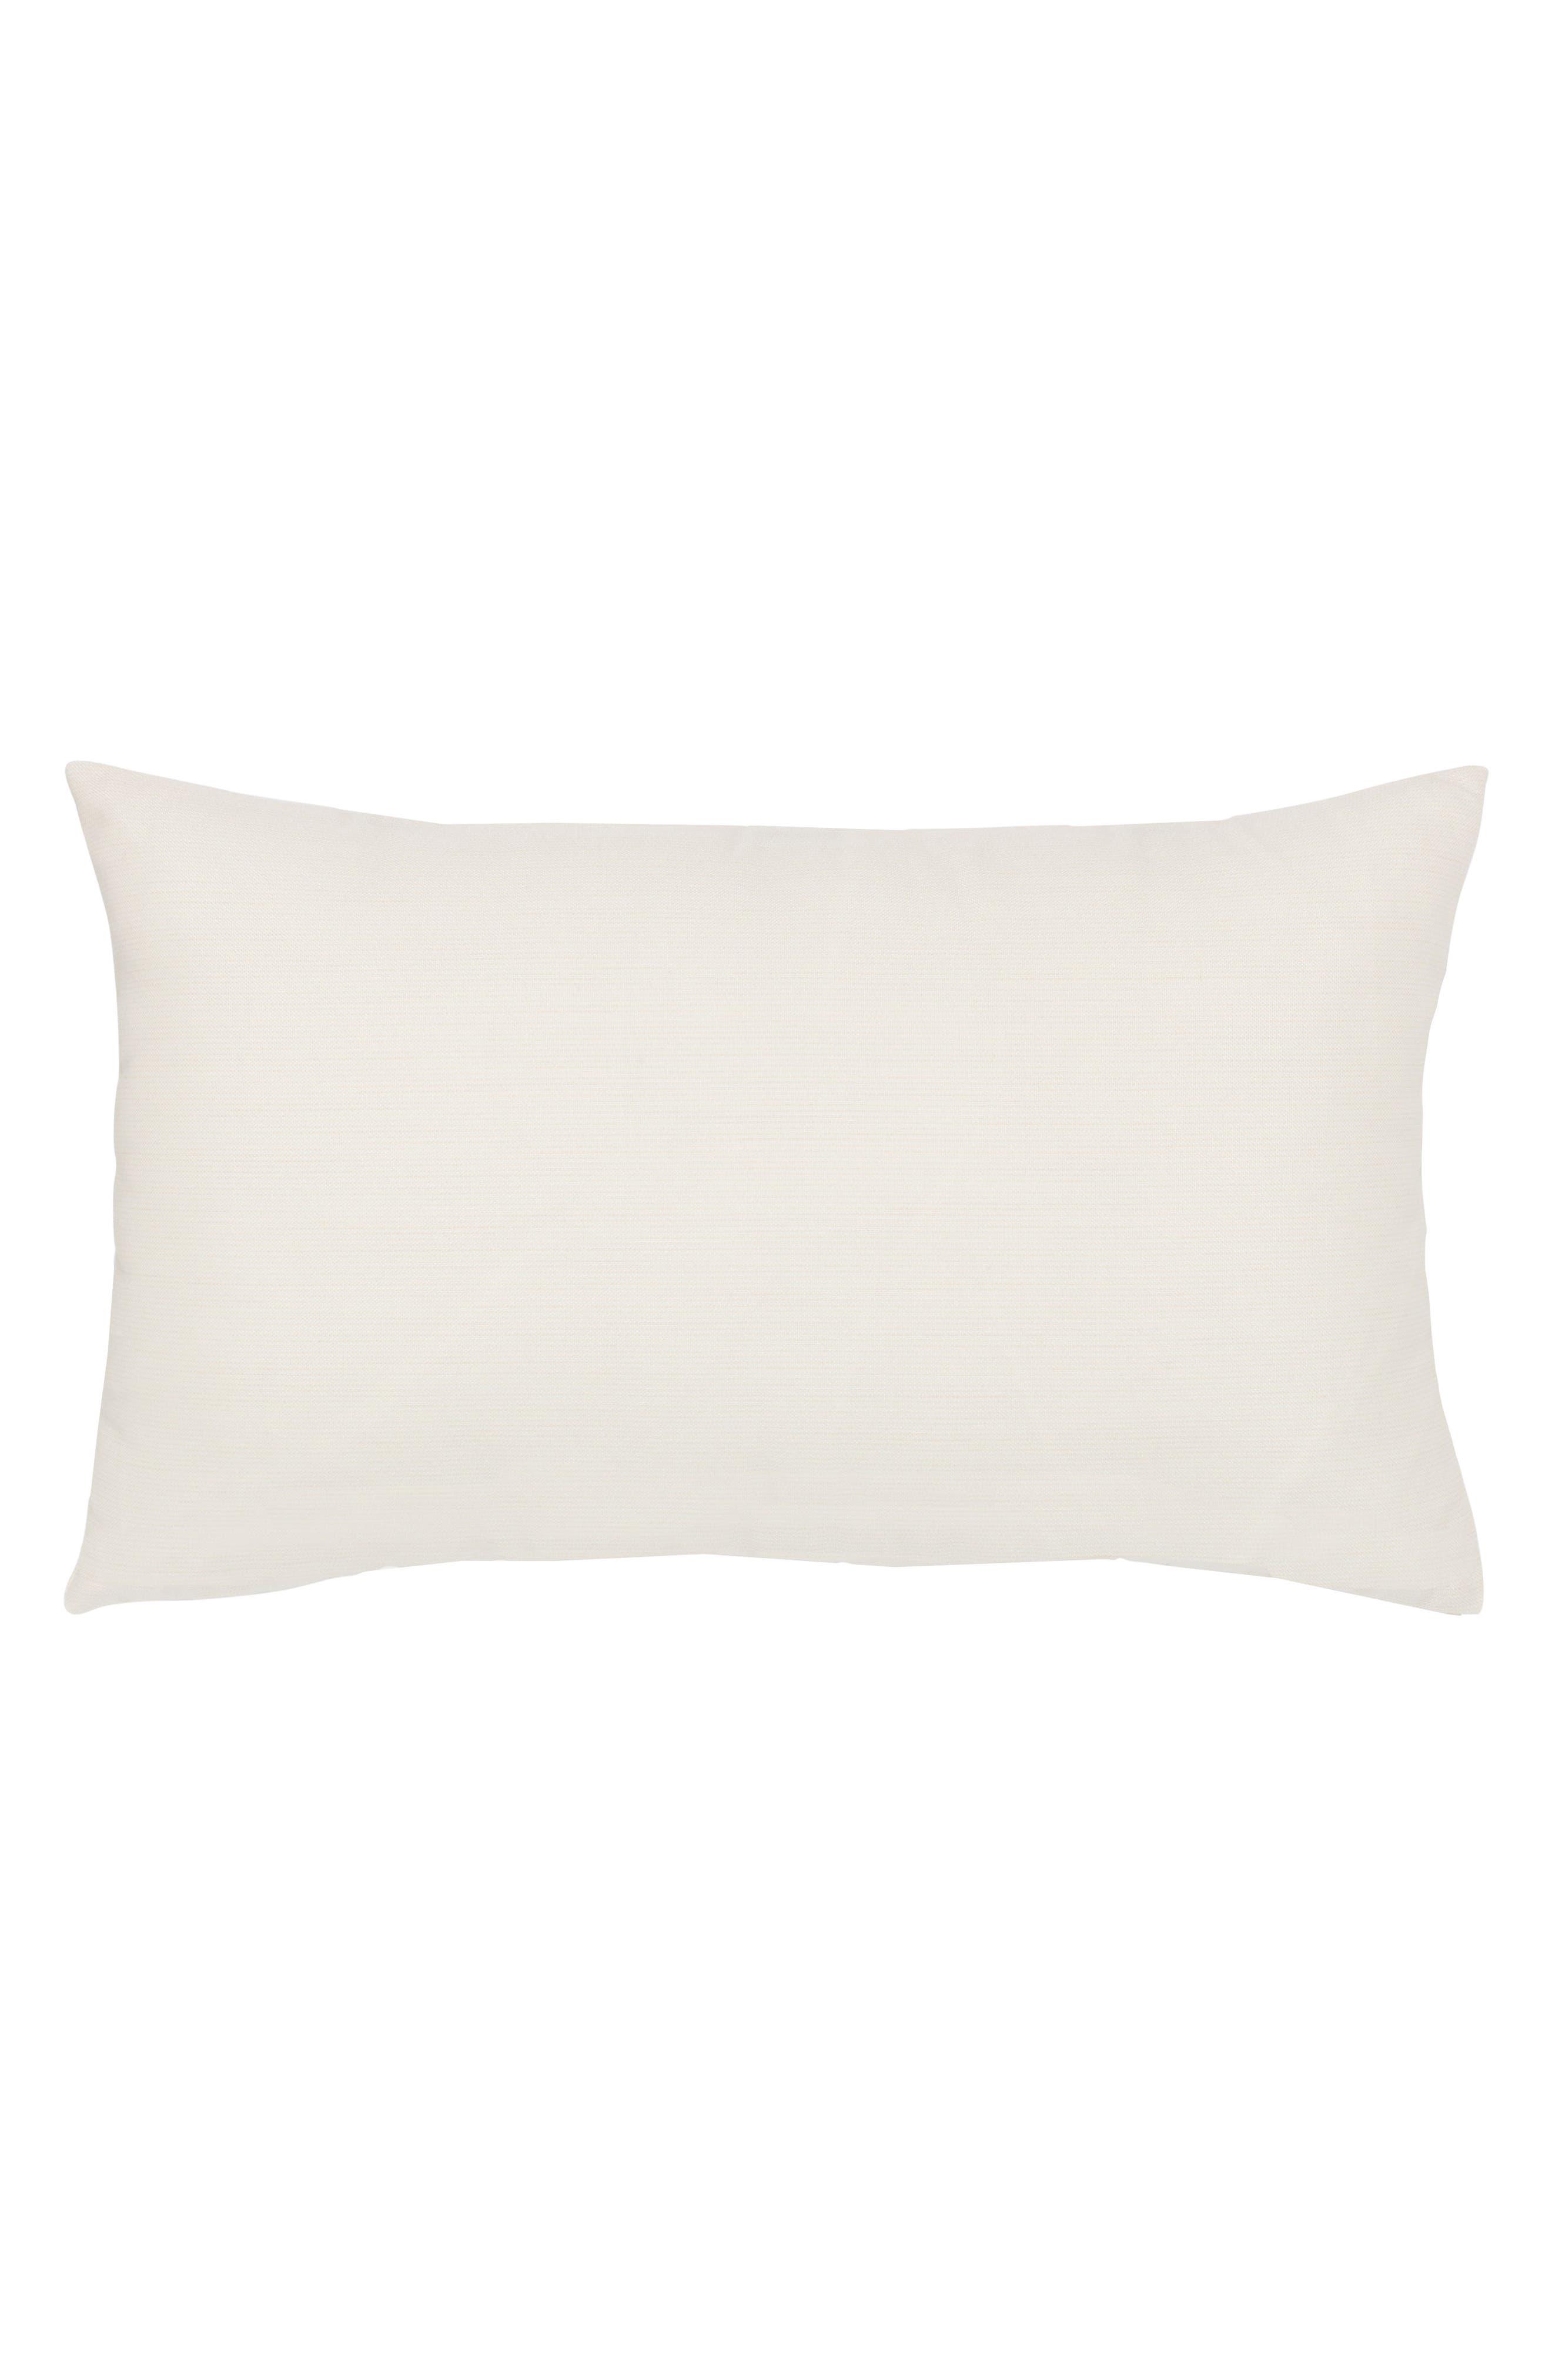 Woven Shimmer Lumbar Pillow,                             Alternate thumbnail 2, color,                             BLUE/ WHITE